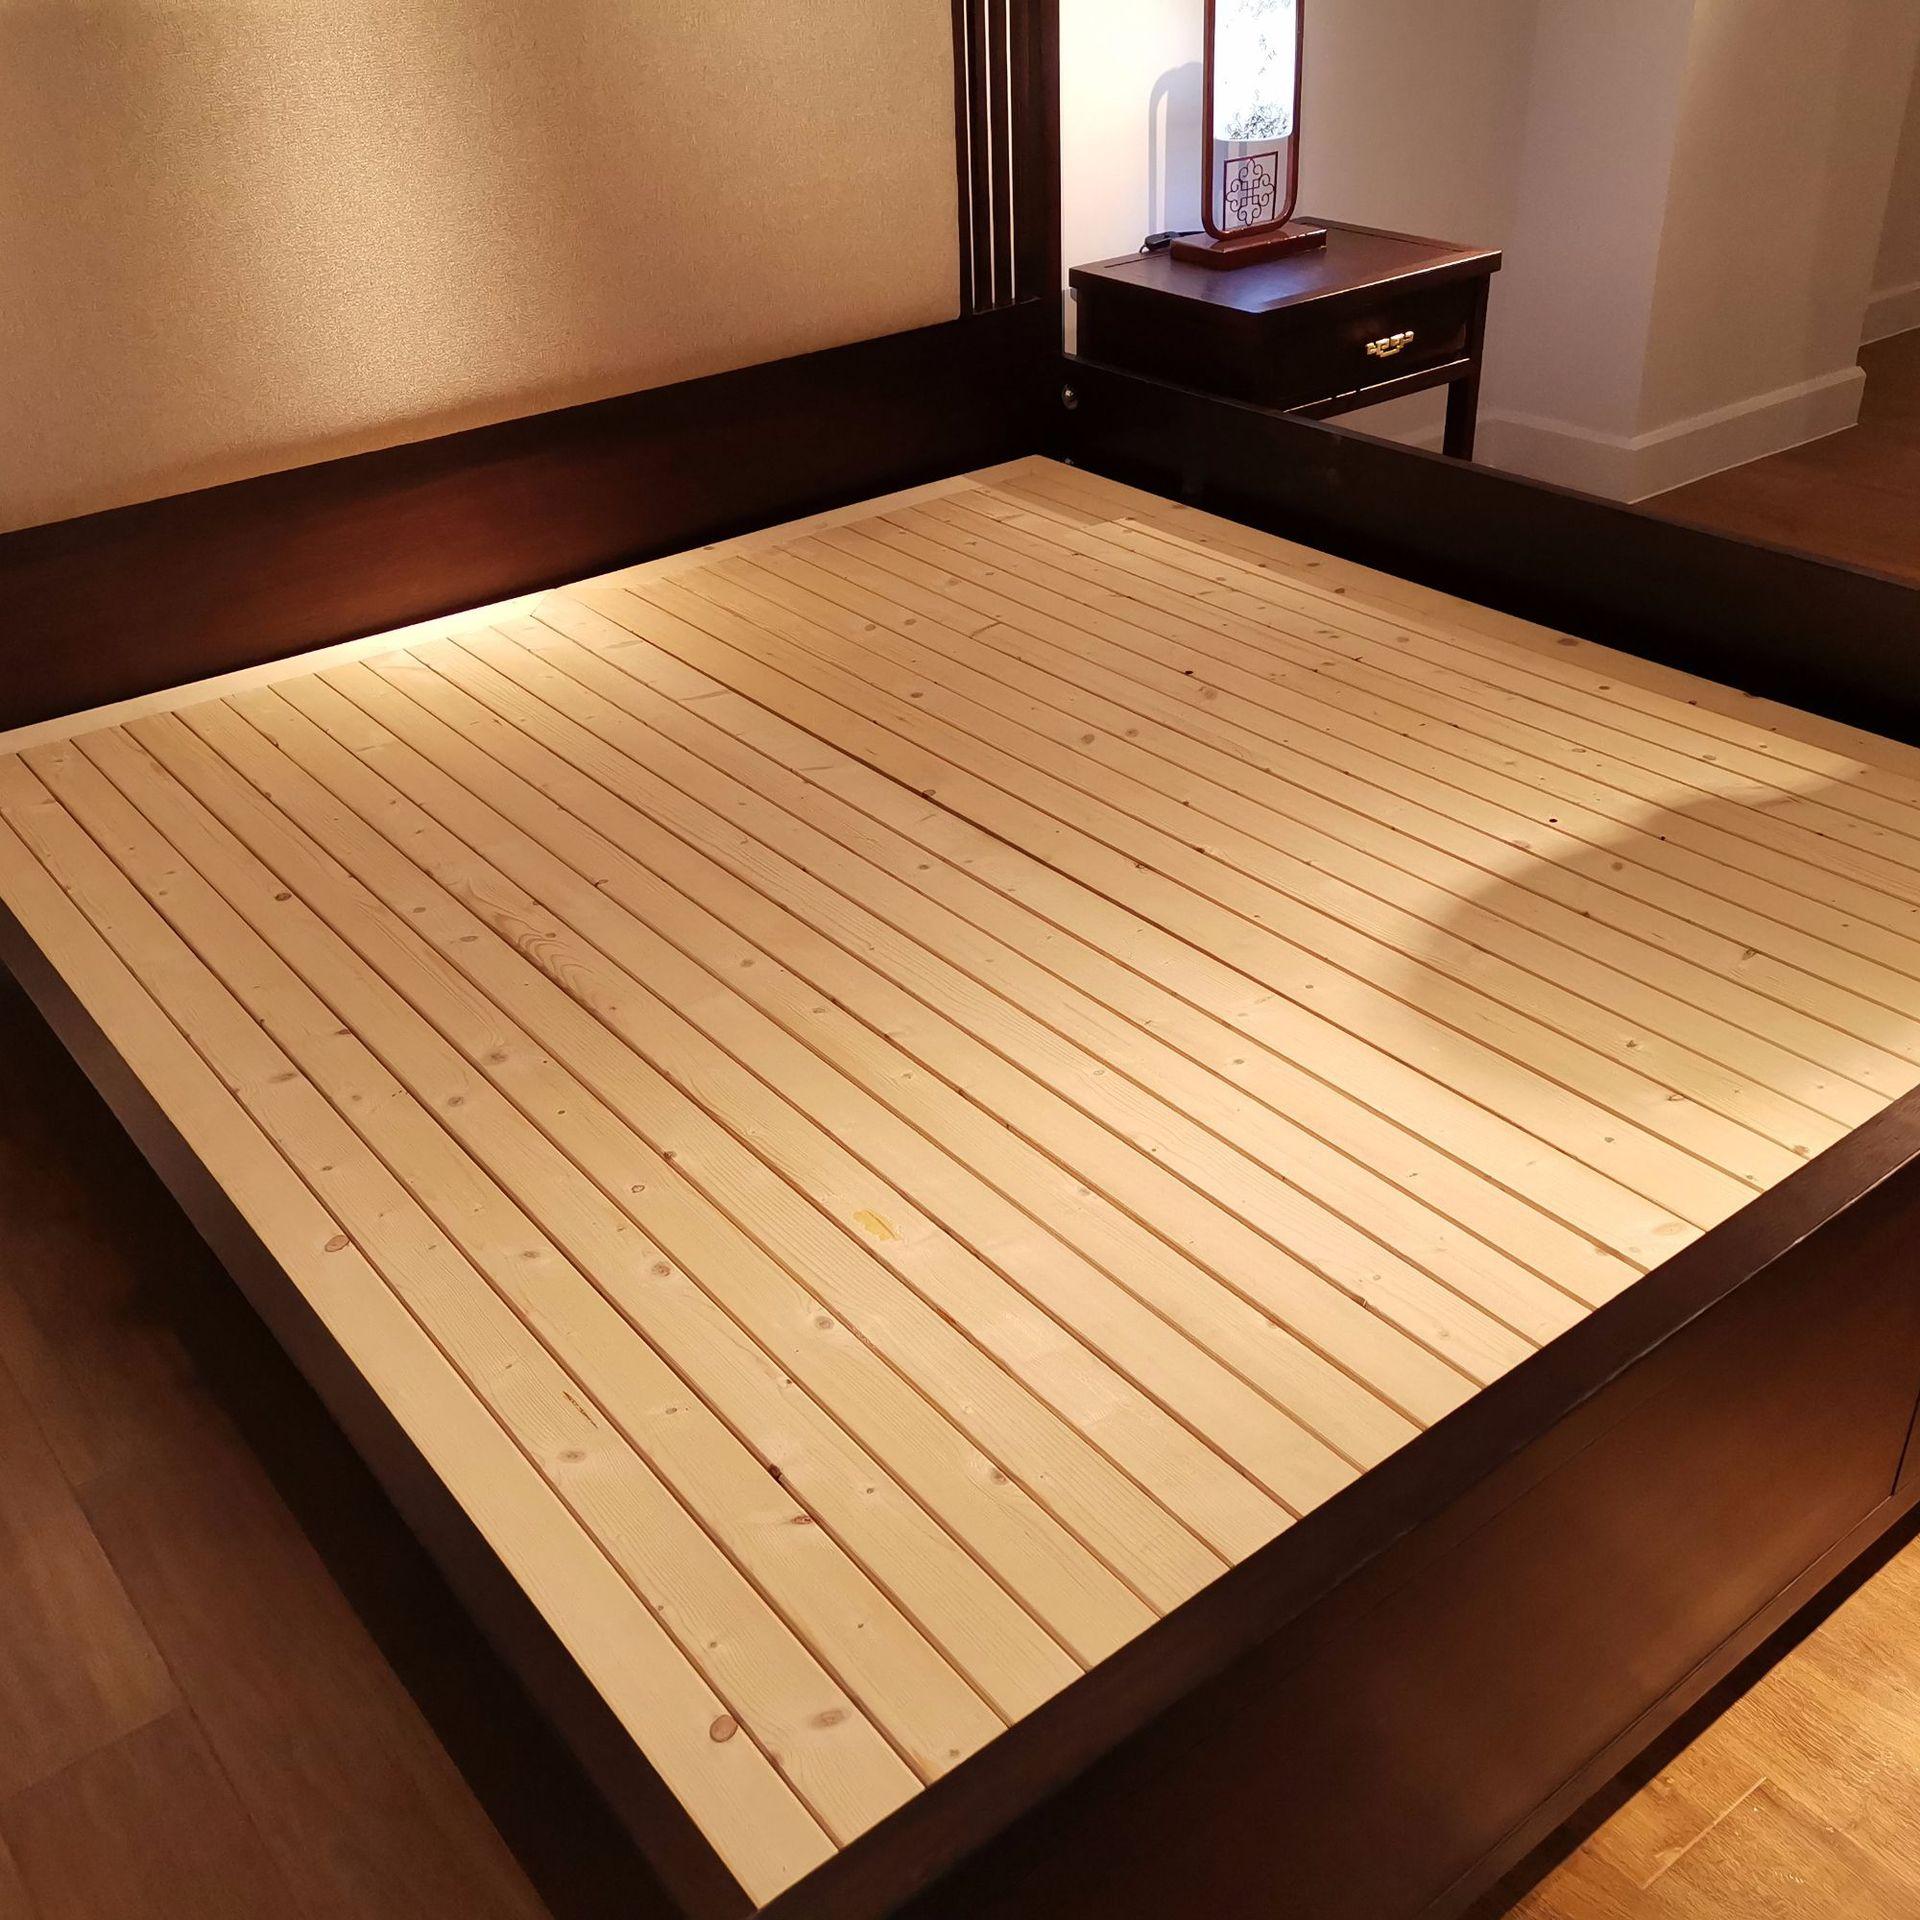 现代新中式竞技宝和雷竞技哪个好床 简约卧室双人床 大婚床乌金木雷竞技靠谱吗 可定制示例图7